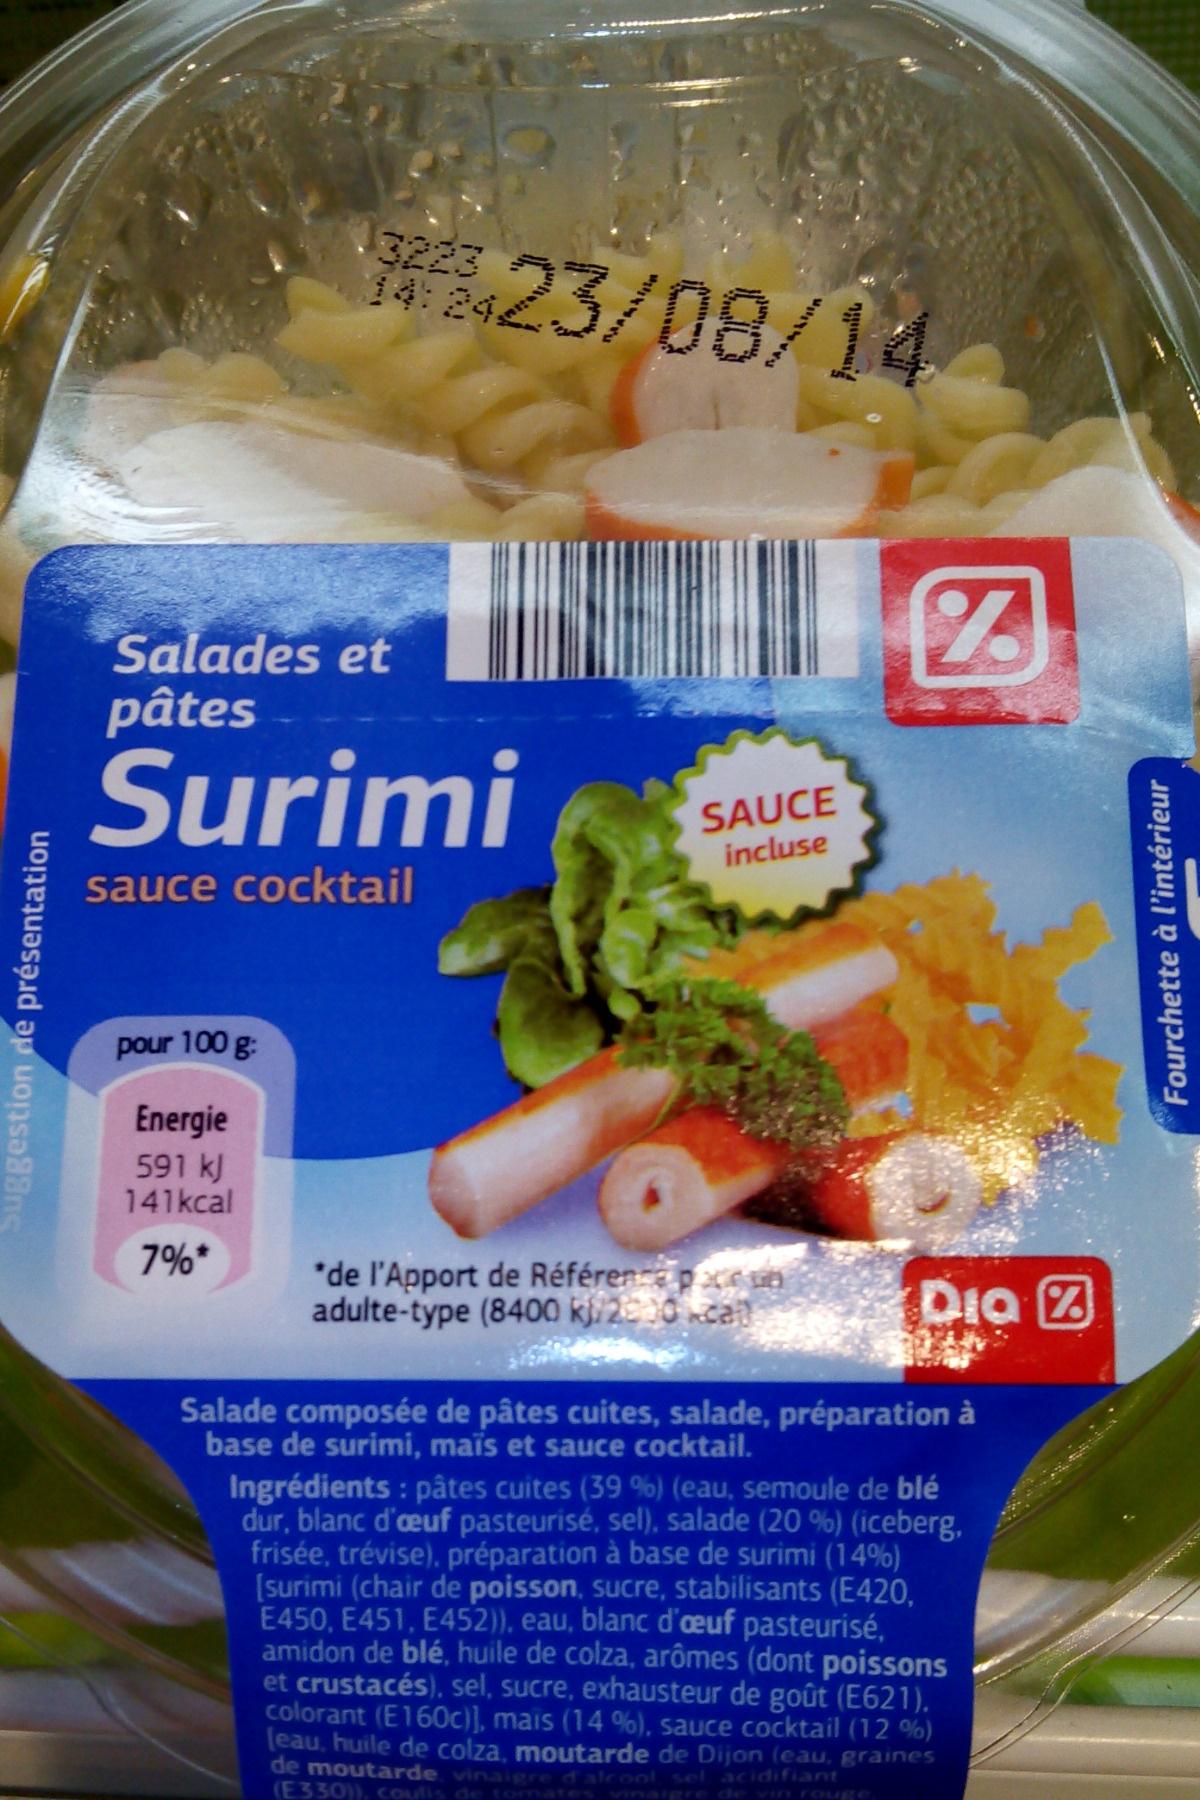 Salades et pâtes Surimi, sauce cocktail - Produit - fr